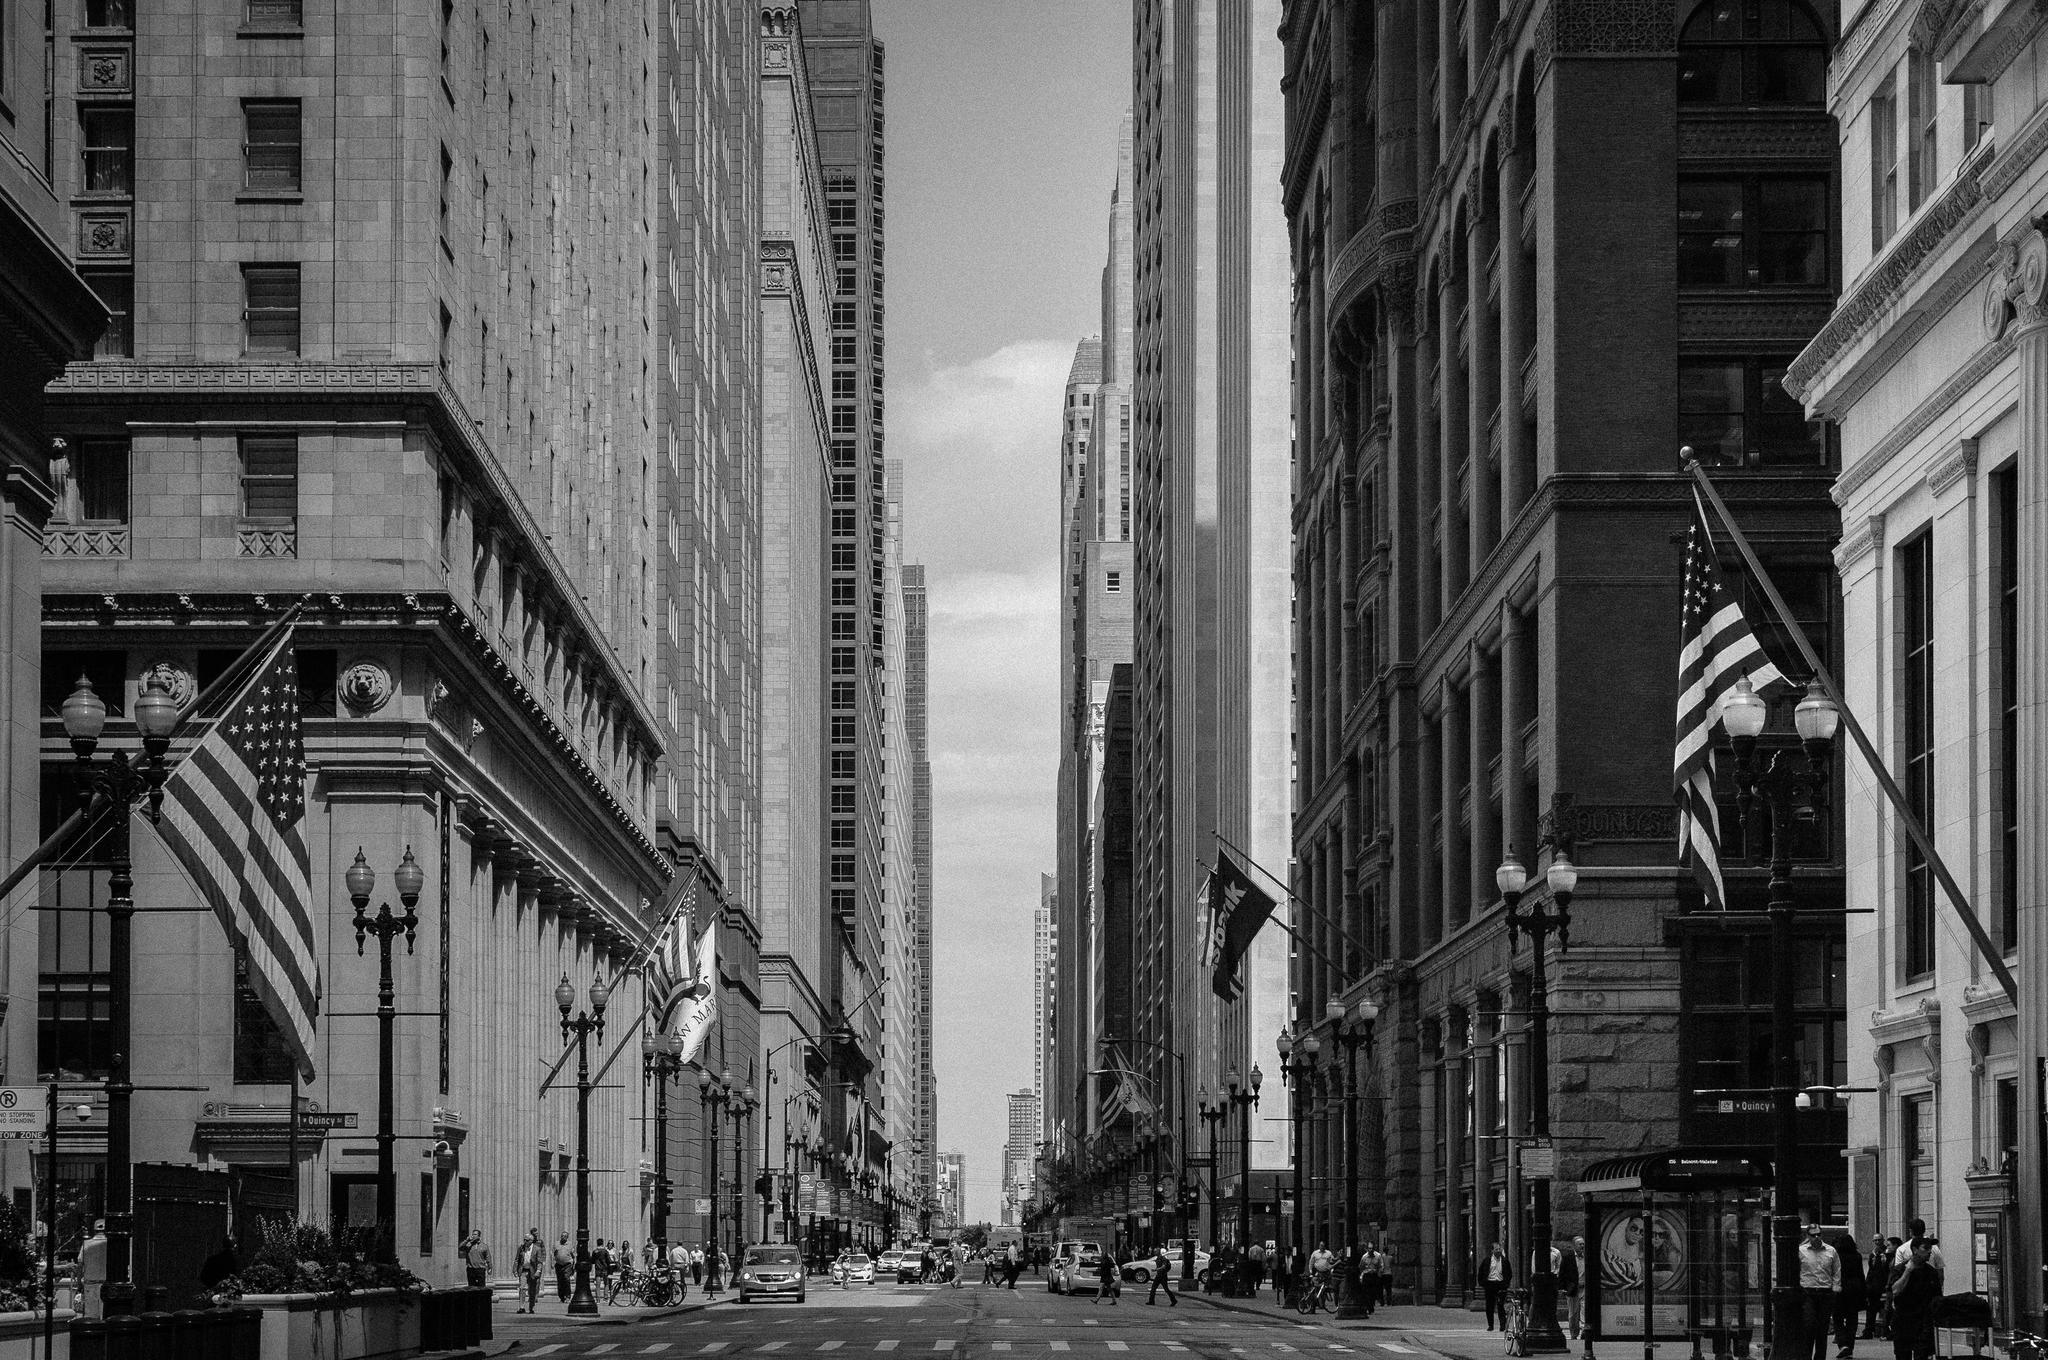 Chicago Street #2 by Maxim El Masri on 500px